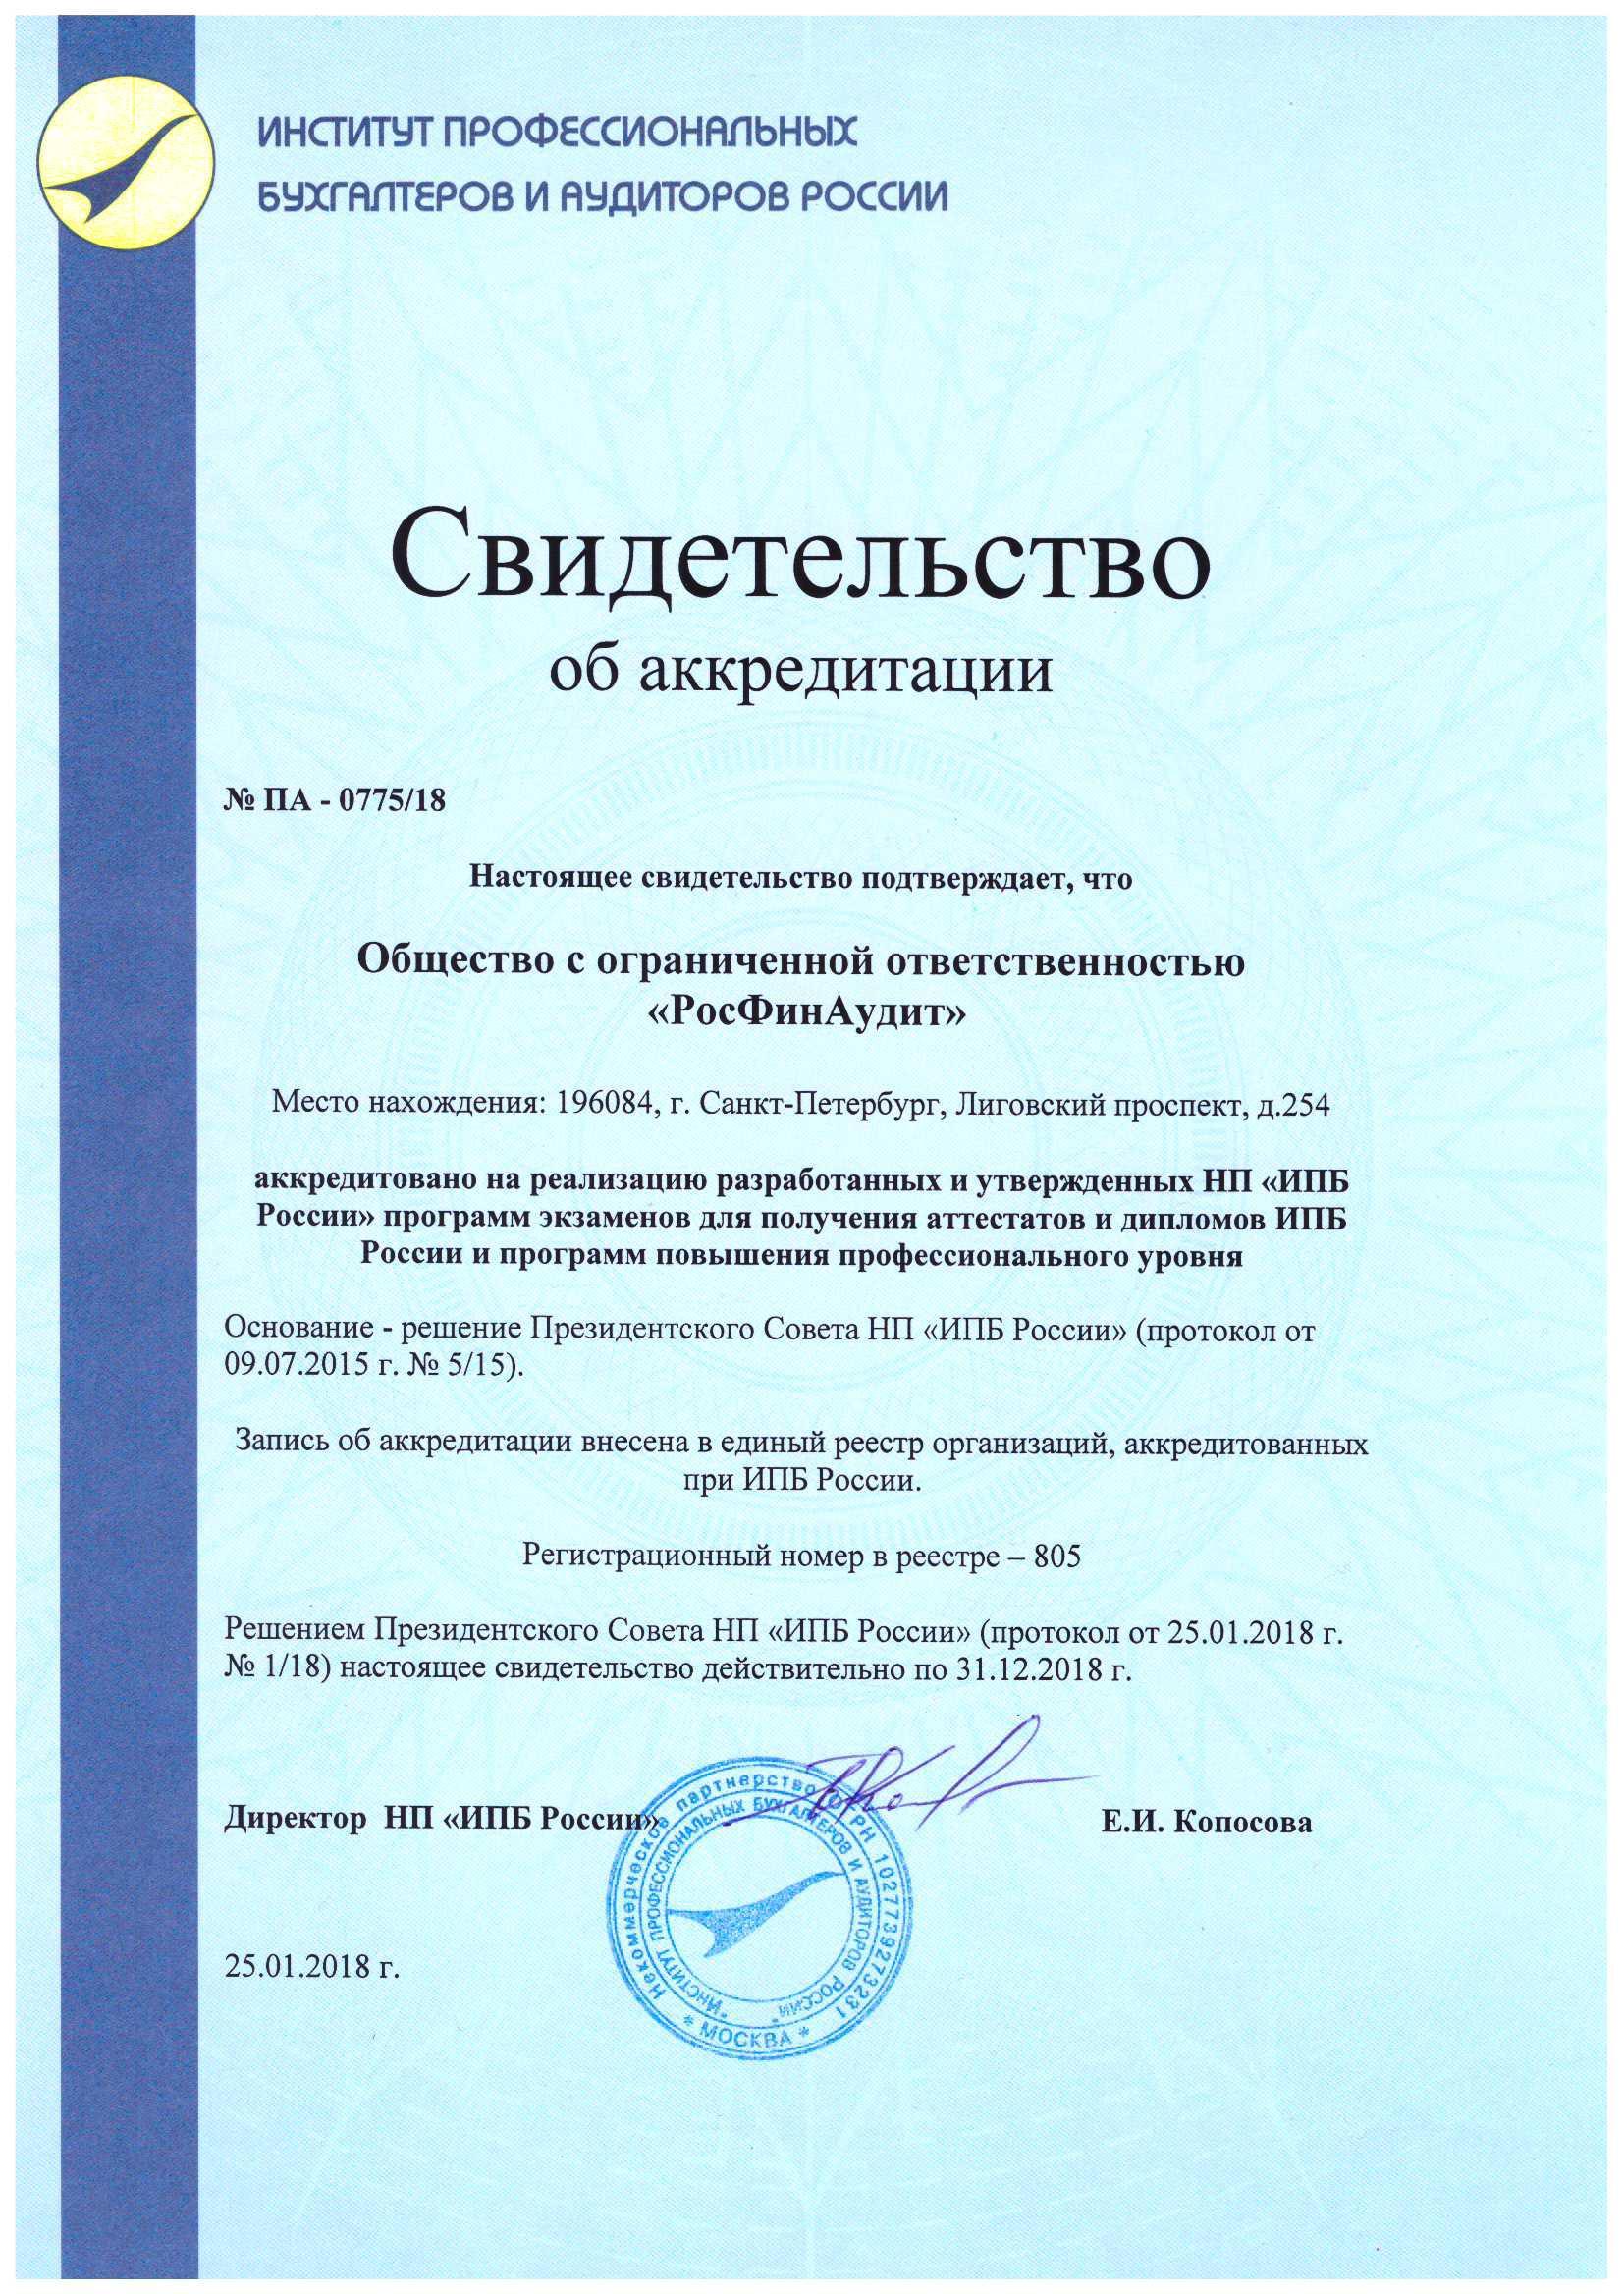 Получение сертификата ипб сертификация ремонта легковых автомобилей г.егорьевск